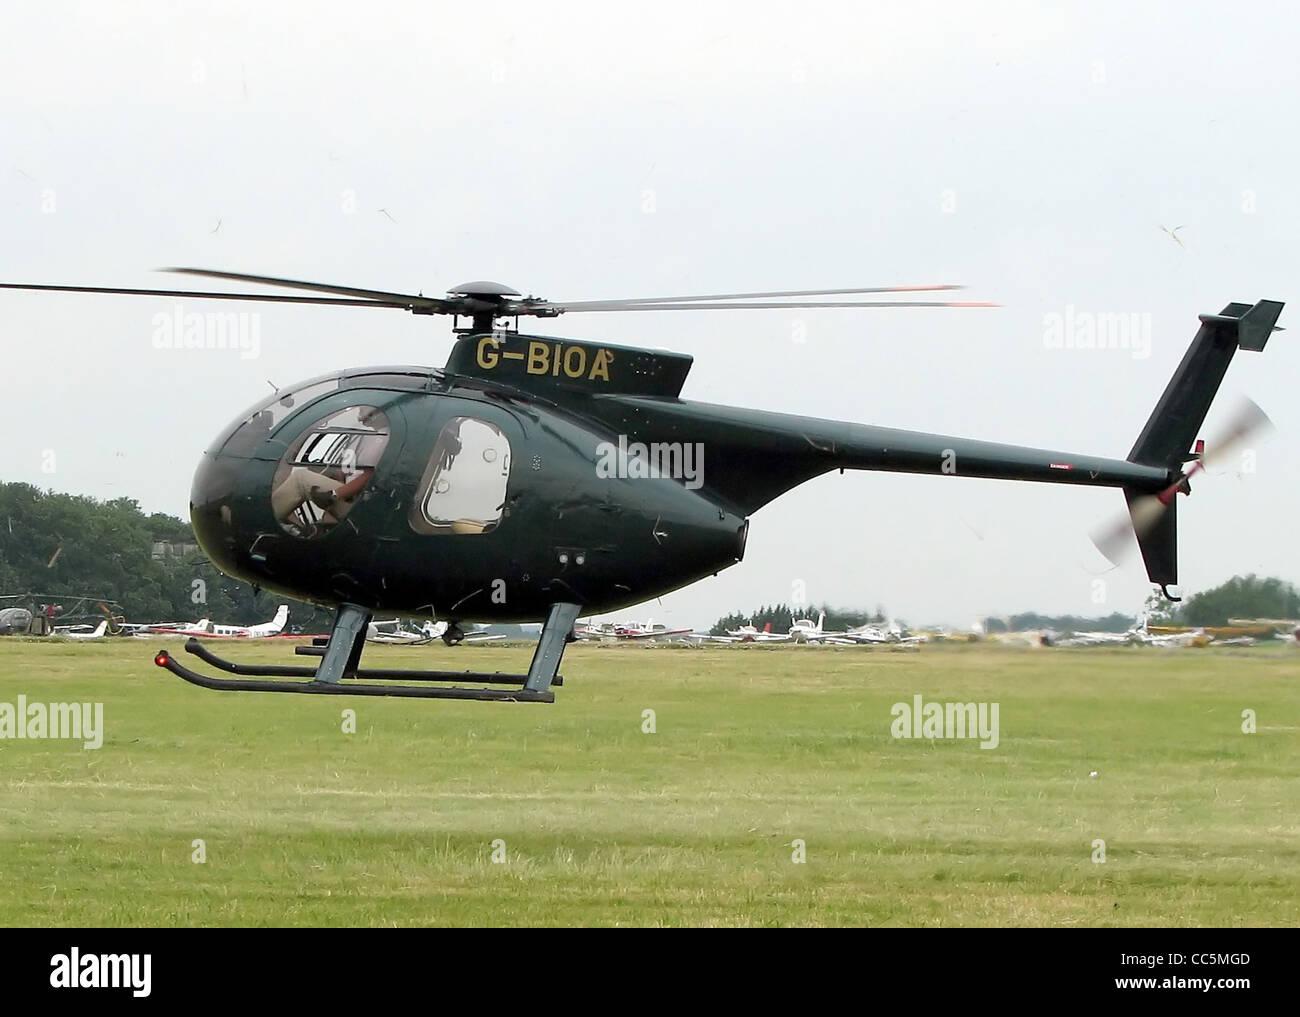 Hughes 500 modelo 369D (G-BIOA, construido 1980) en el Aeródromo de Kemble, Gloucestershire, Inglaterra. Imagen De Stock